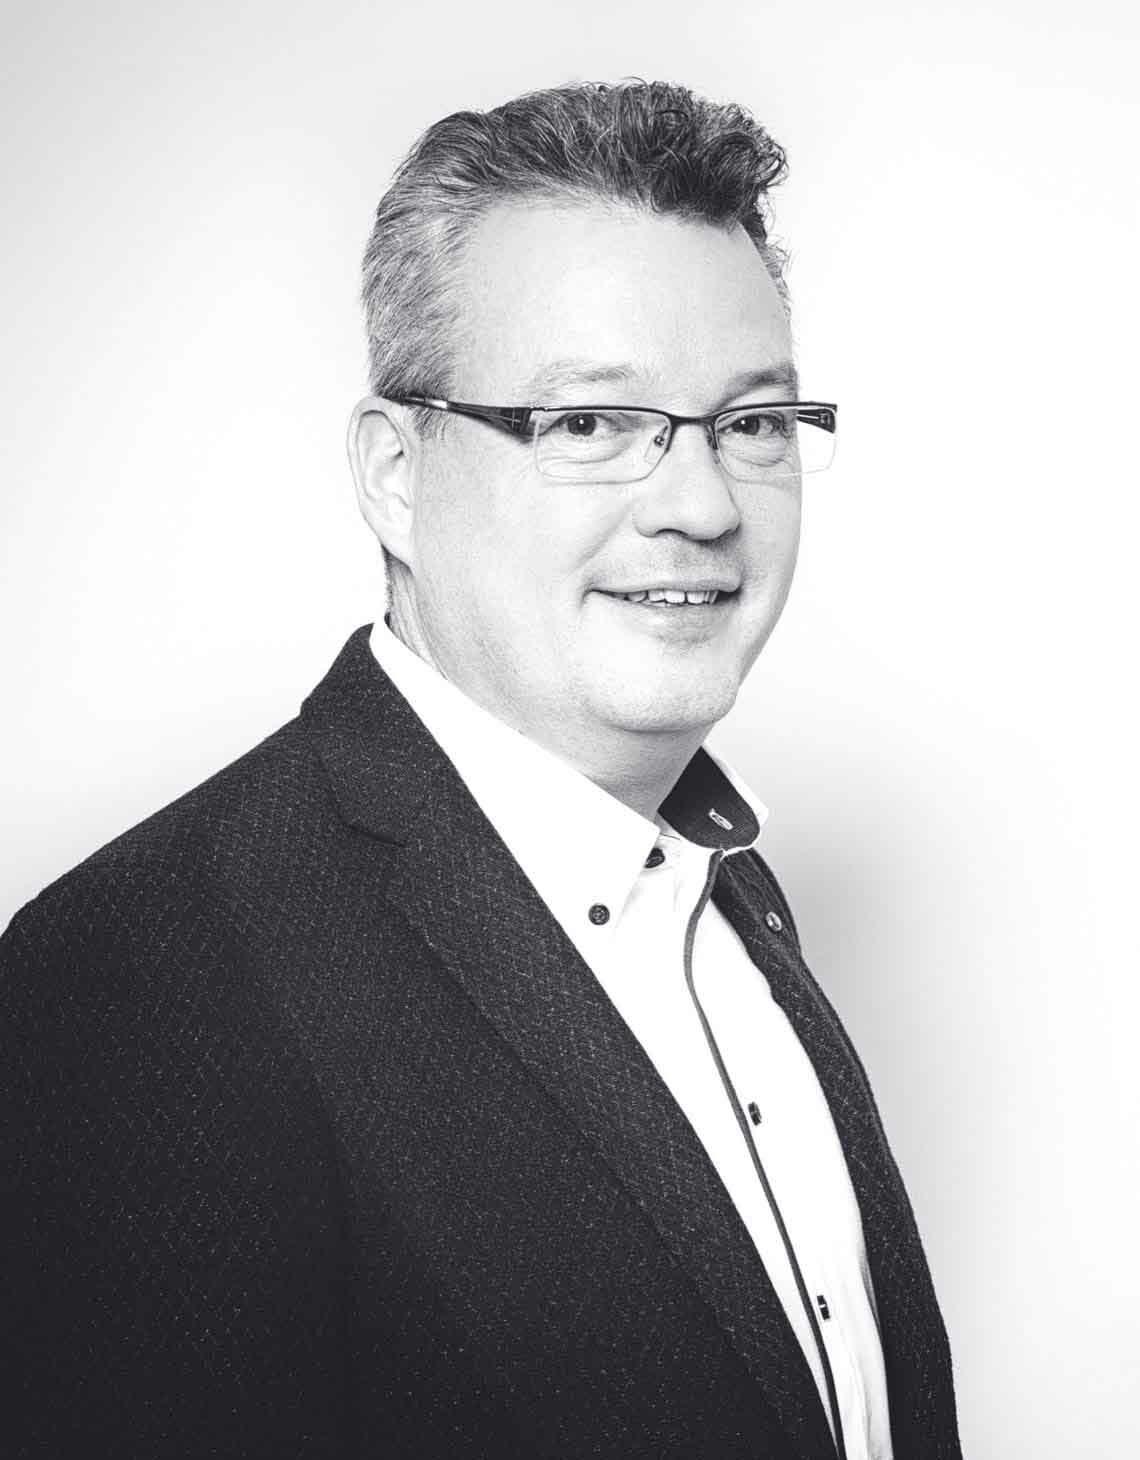 Frank van Bakel